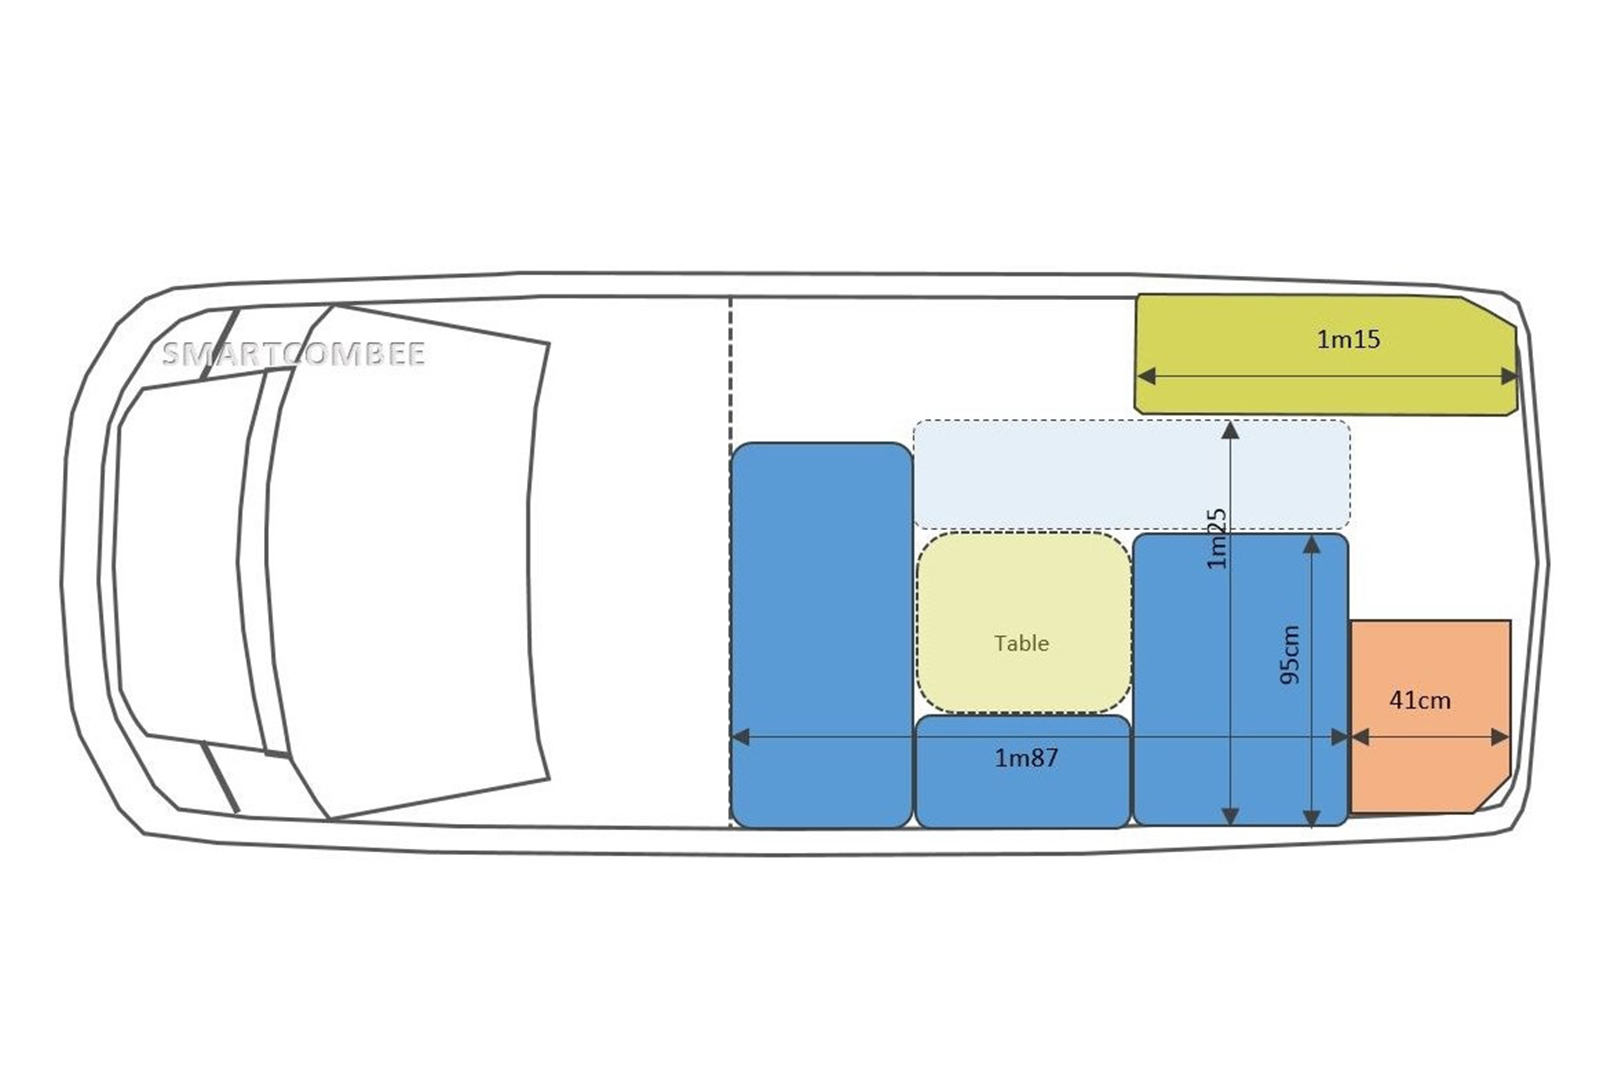 kit d'aménagement pour fourgon : kit convivialité